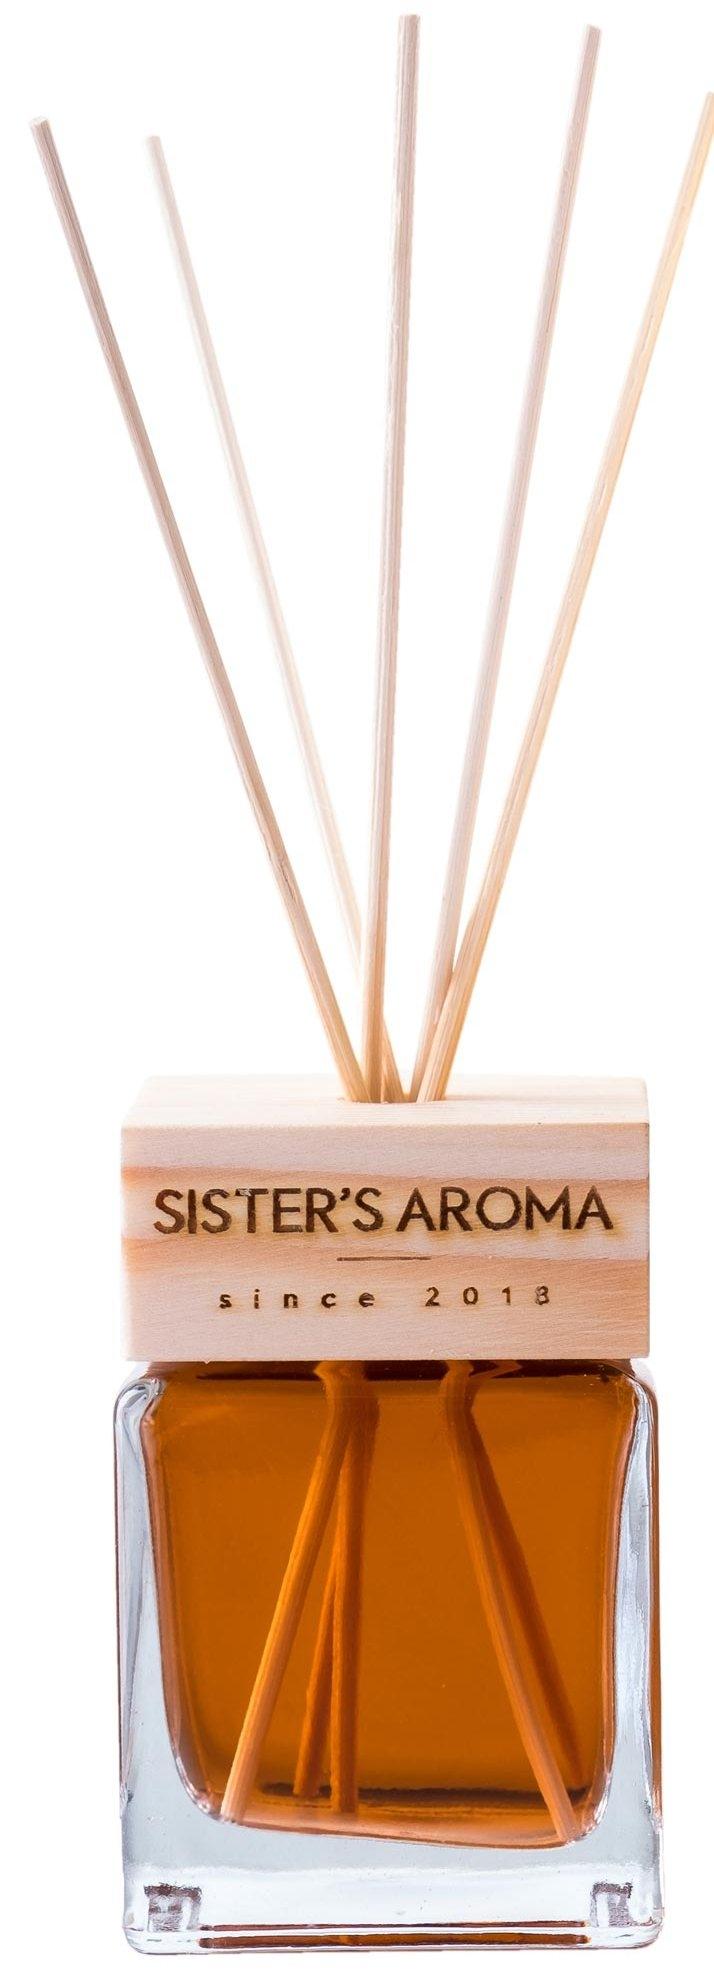 Аромадиффузор для дома и офиса SISTER'S AROMA Reed Diffuser «Chocolate» 120ml 2 - Фото 2